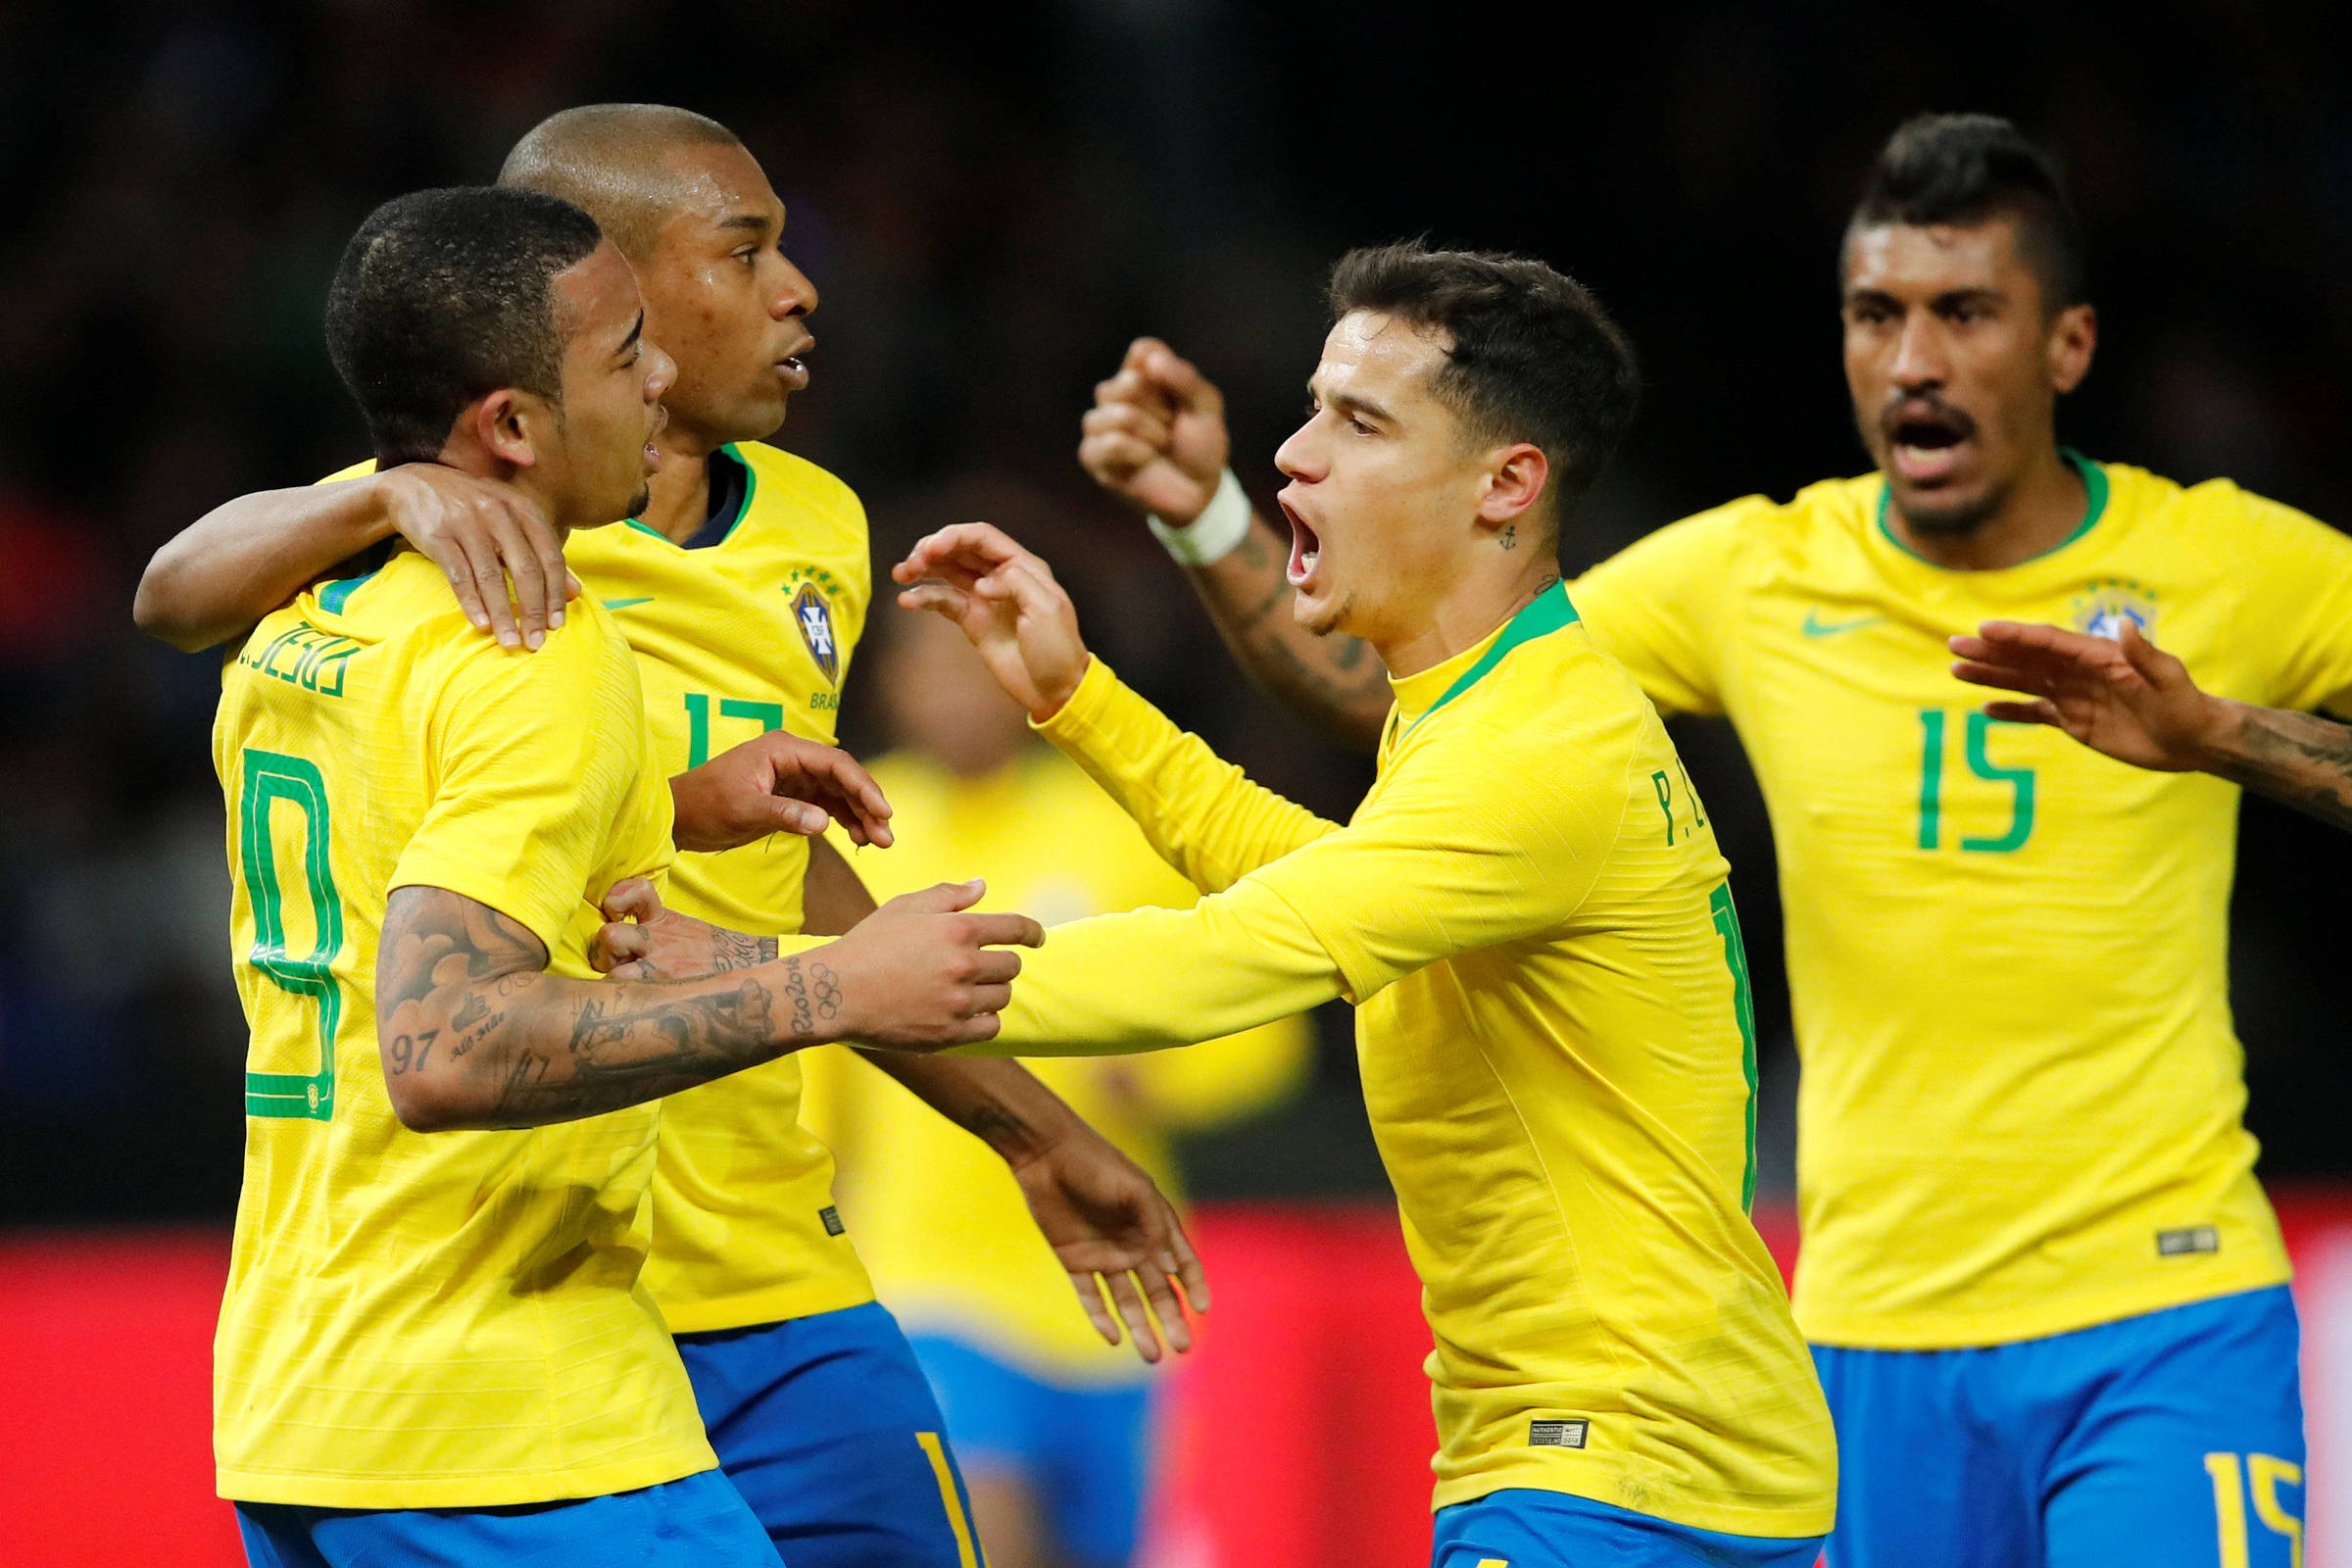 e7536a8bc8 Brasil vence Alemanha e começa esquecer o 7 a 1 - 27 03 2018 - Esporte -  Folha